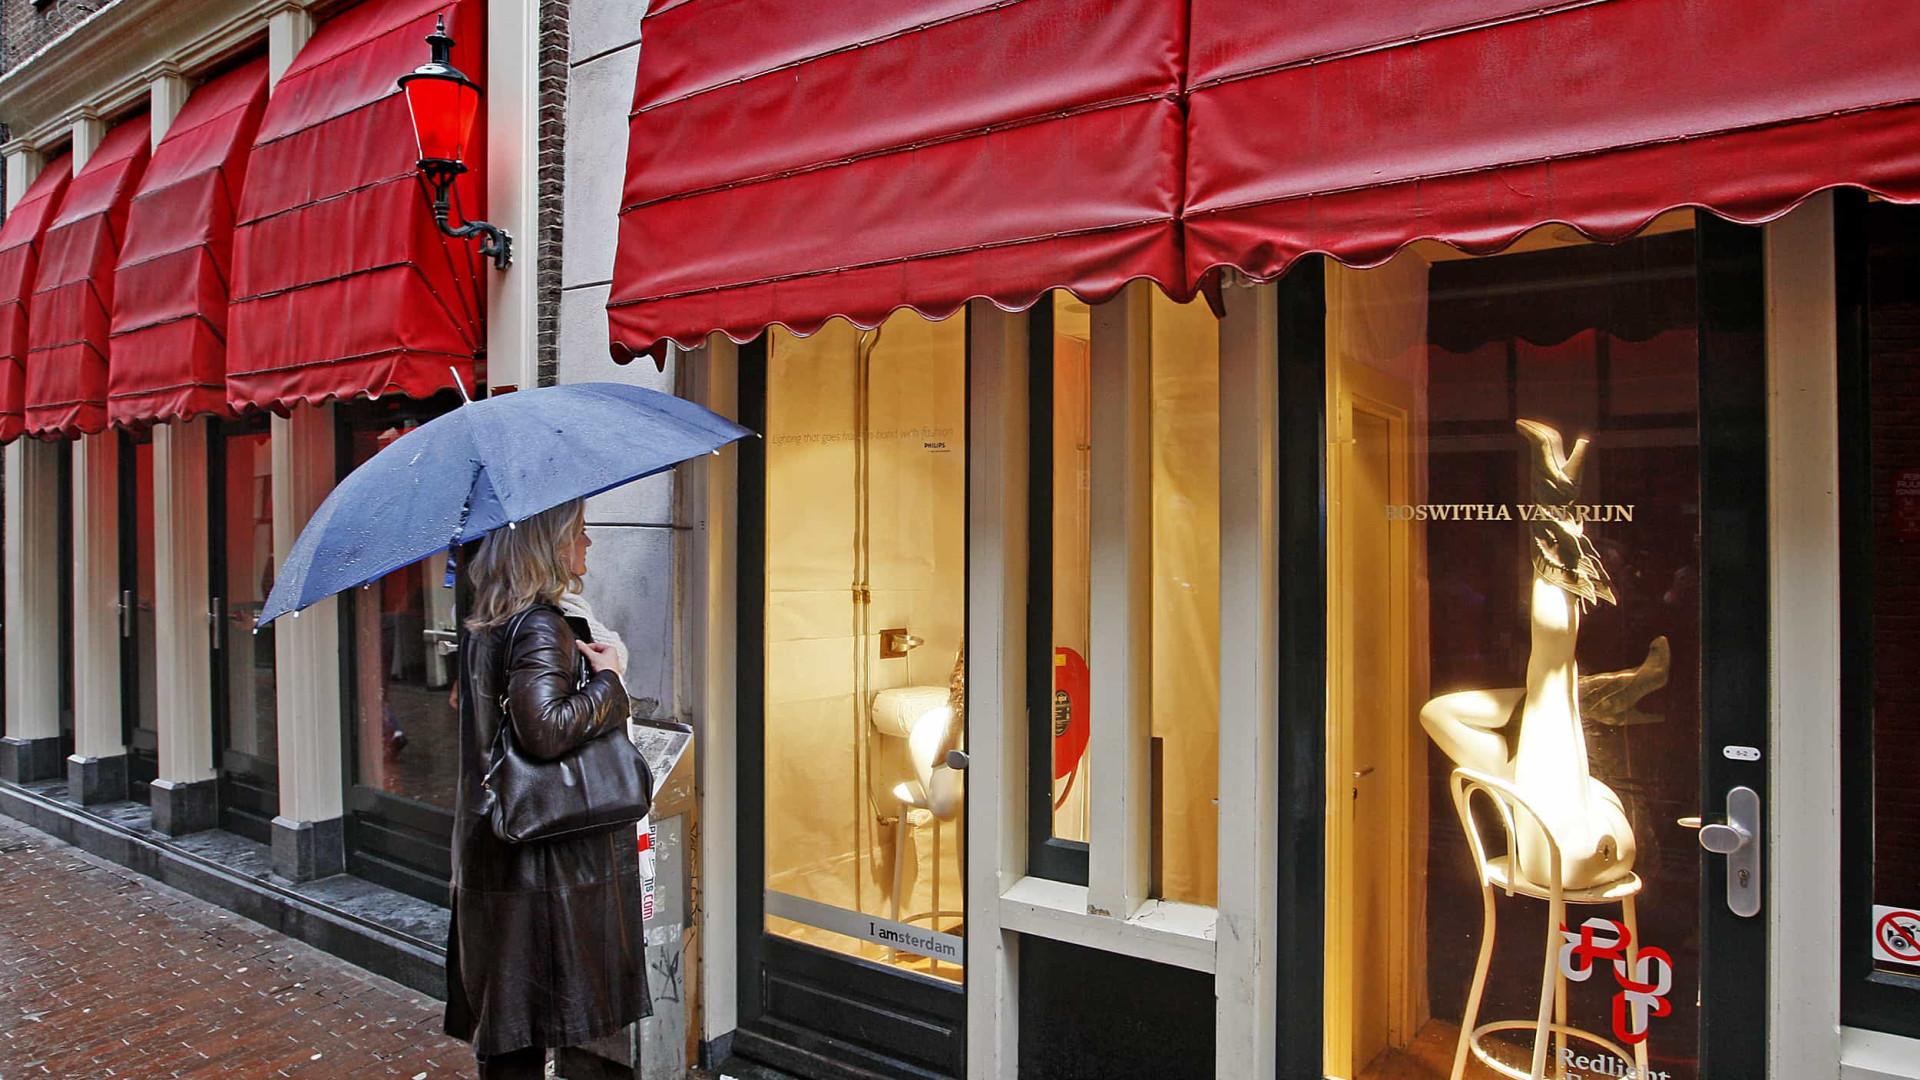 Prefeita de Amsterdã planeja reformular distrito da luz vermelha